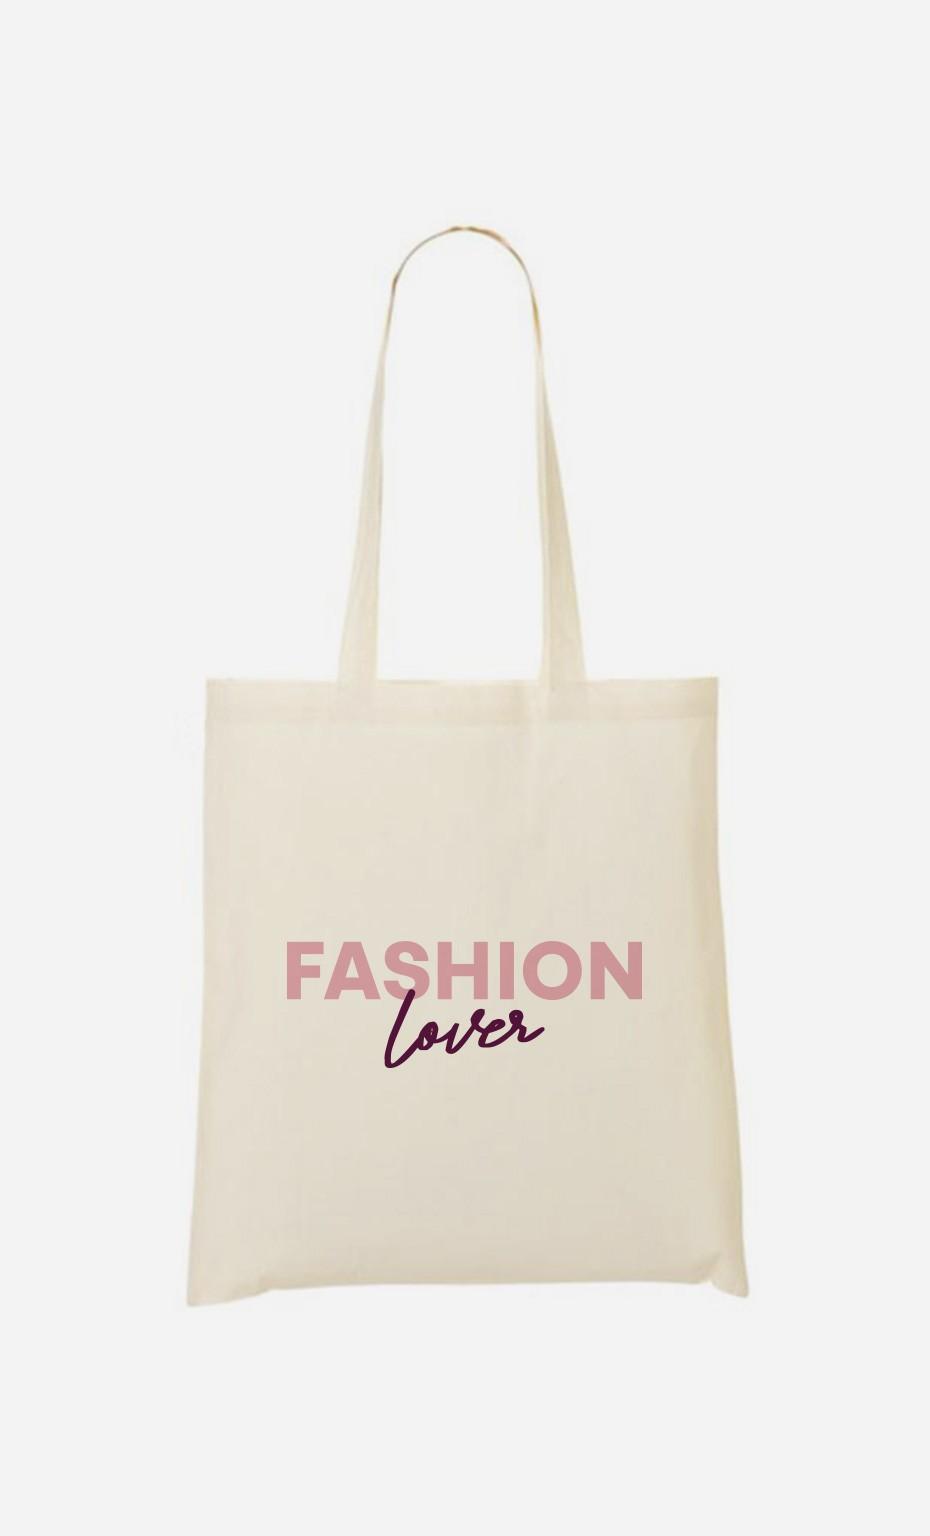 Totebag Fashion Lovers